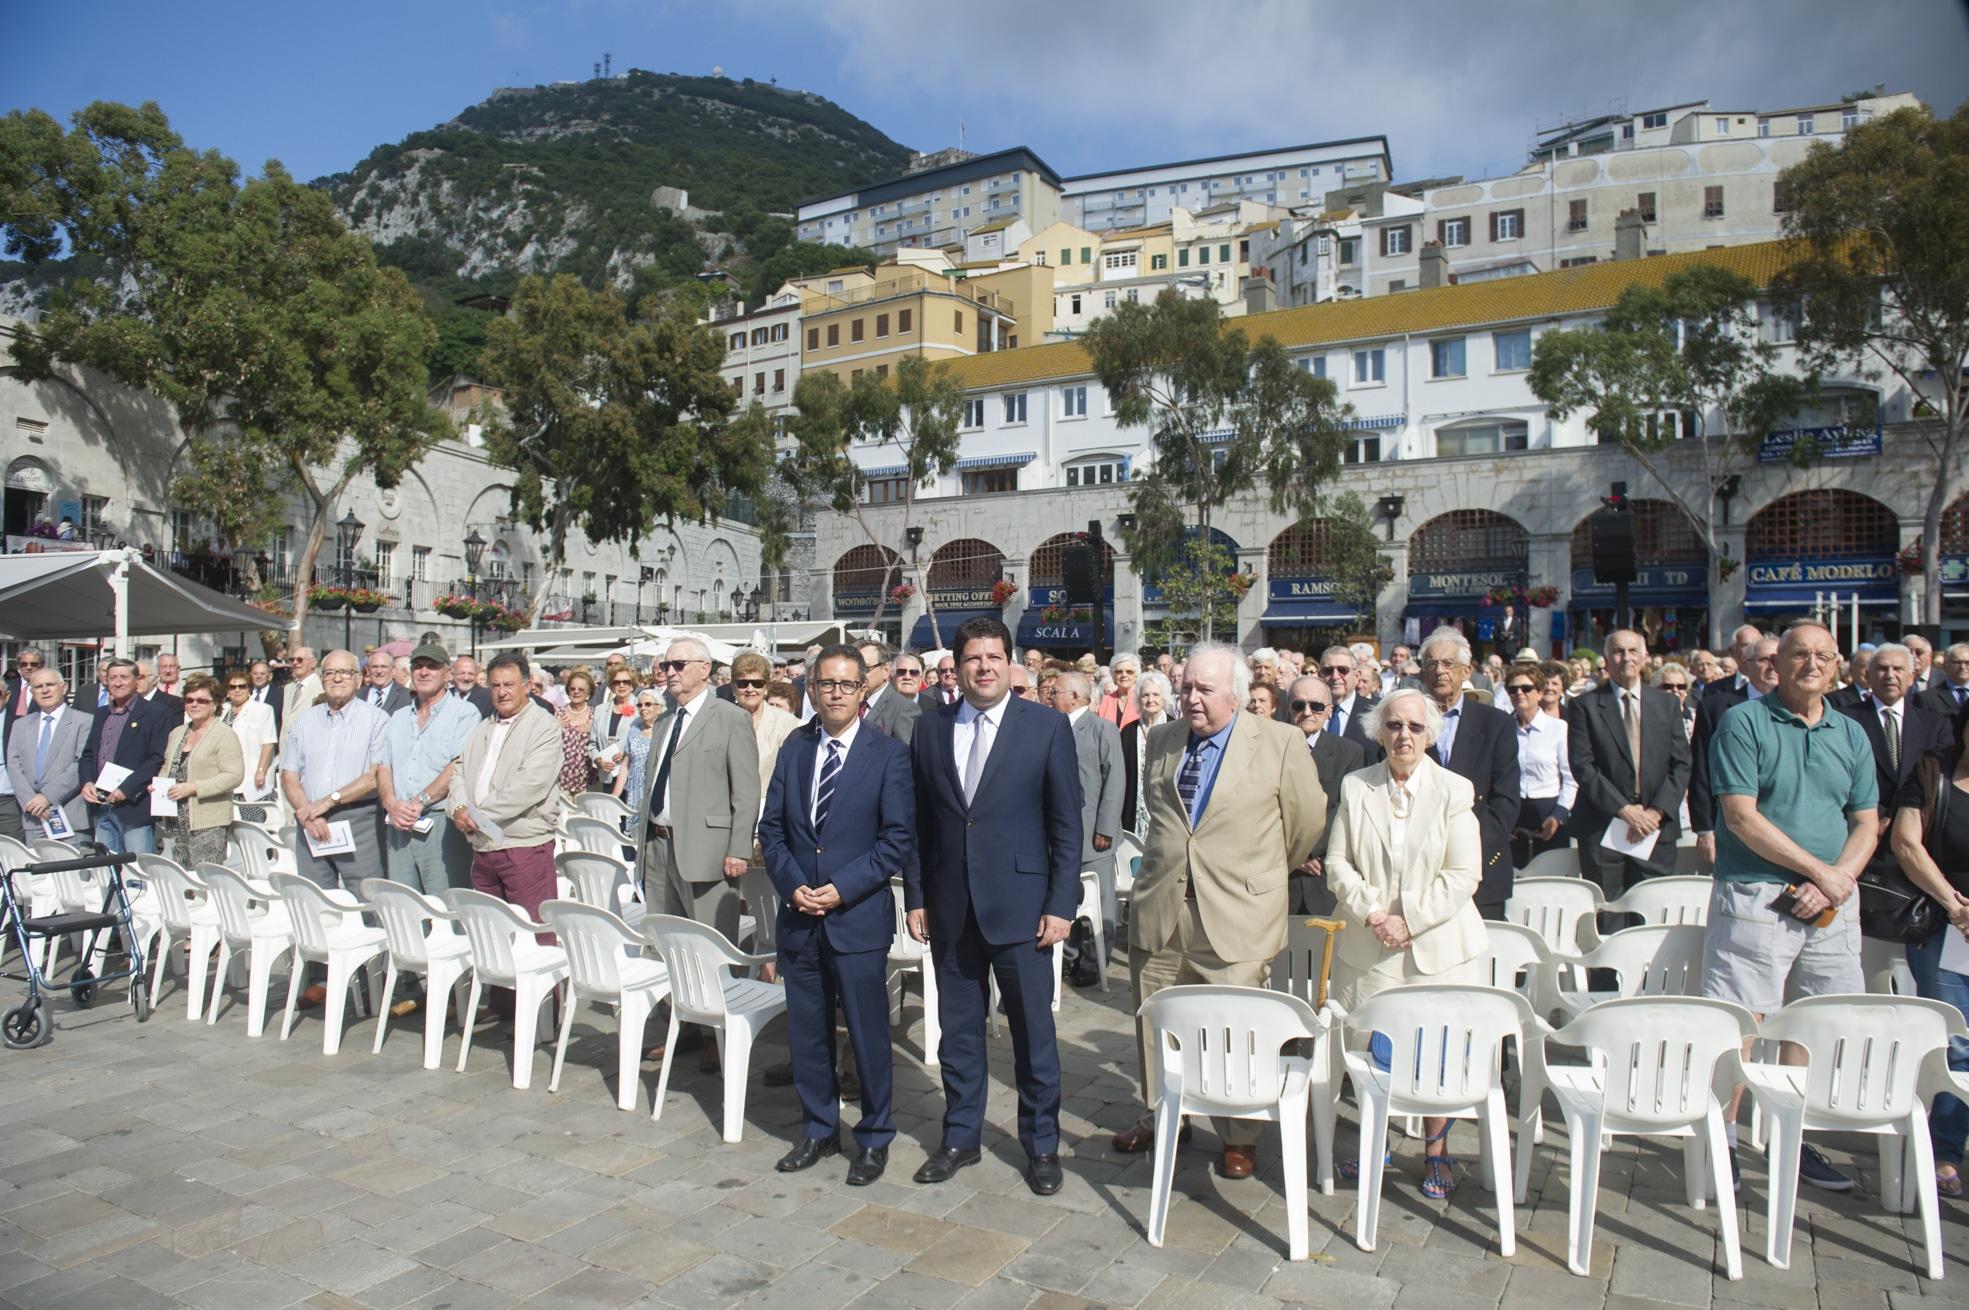 ceremonia-75-anos-evacuacion-gibraltar-22052015-12_17372619844_o